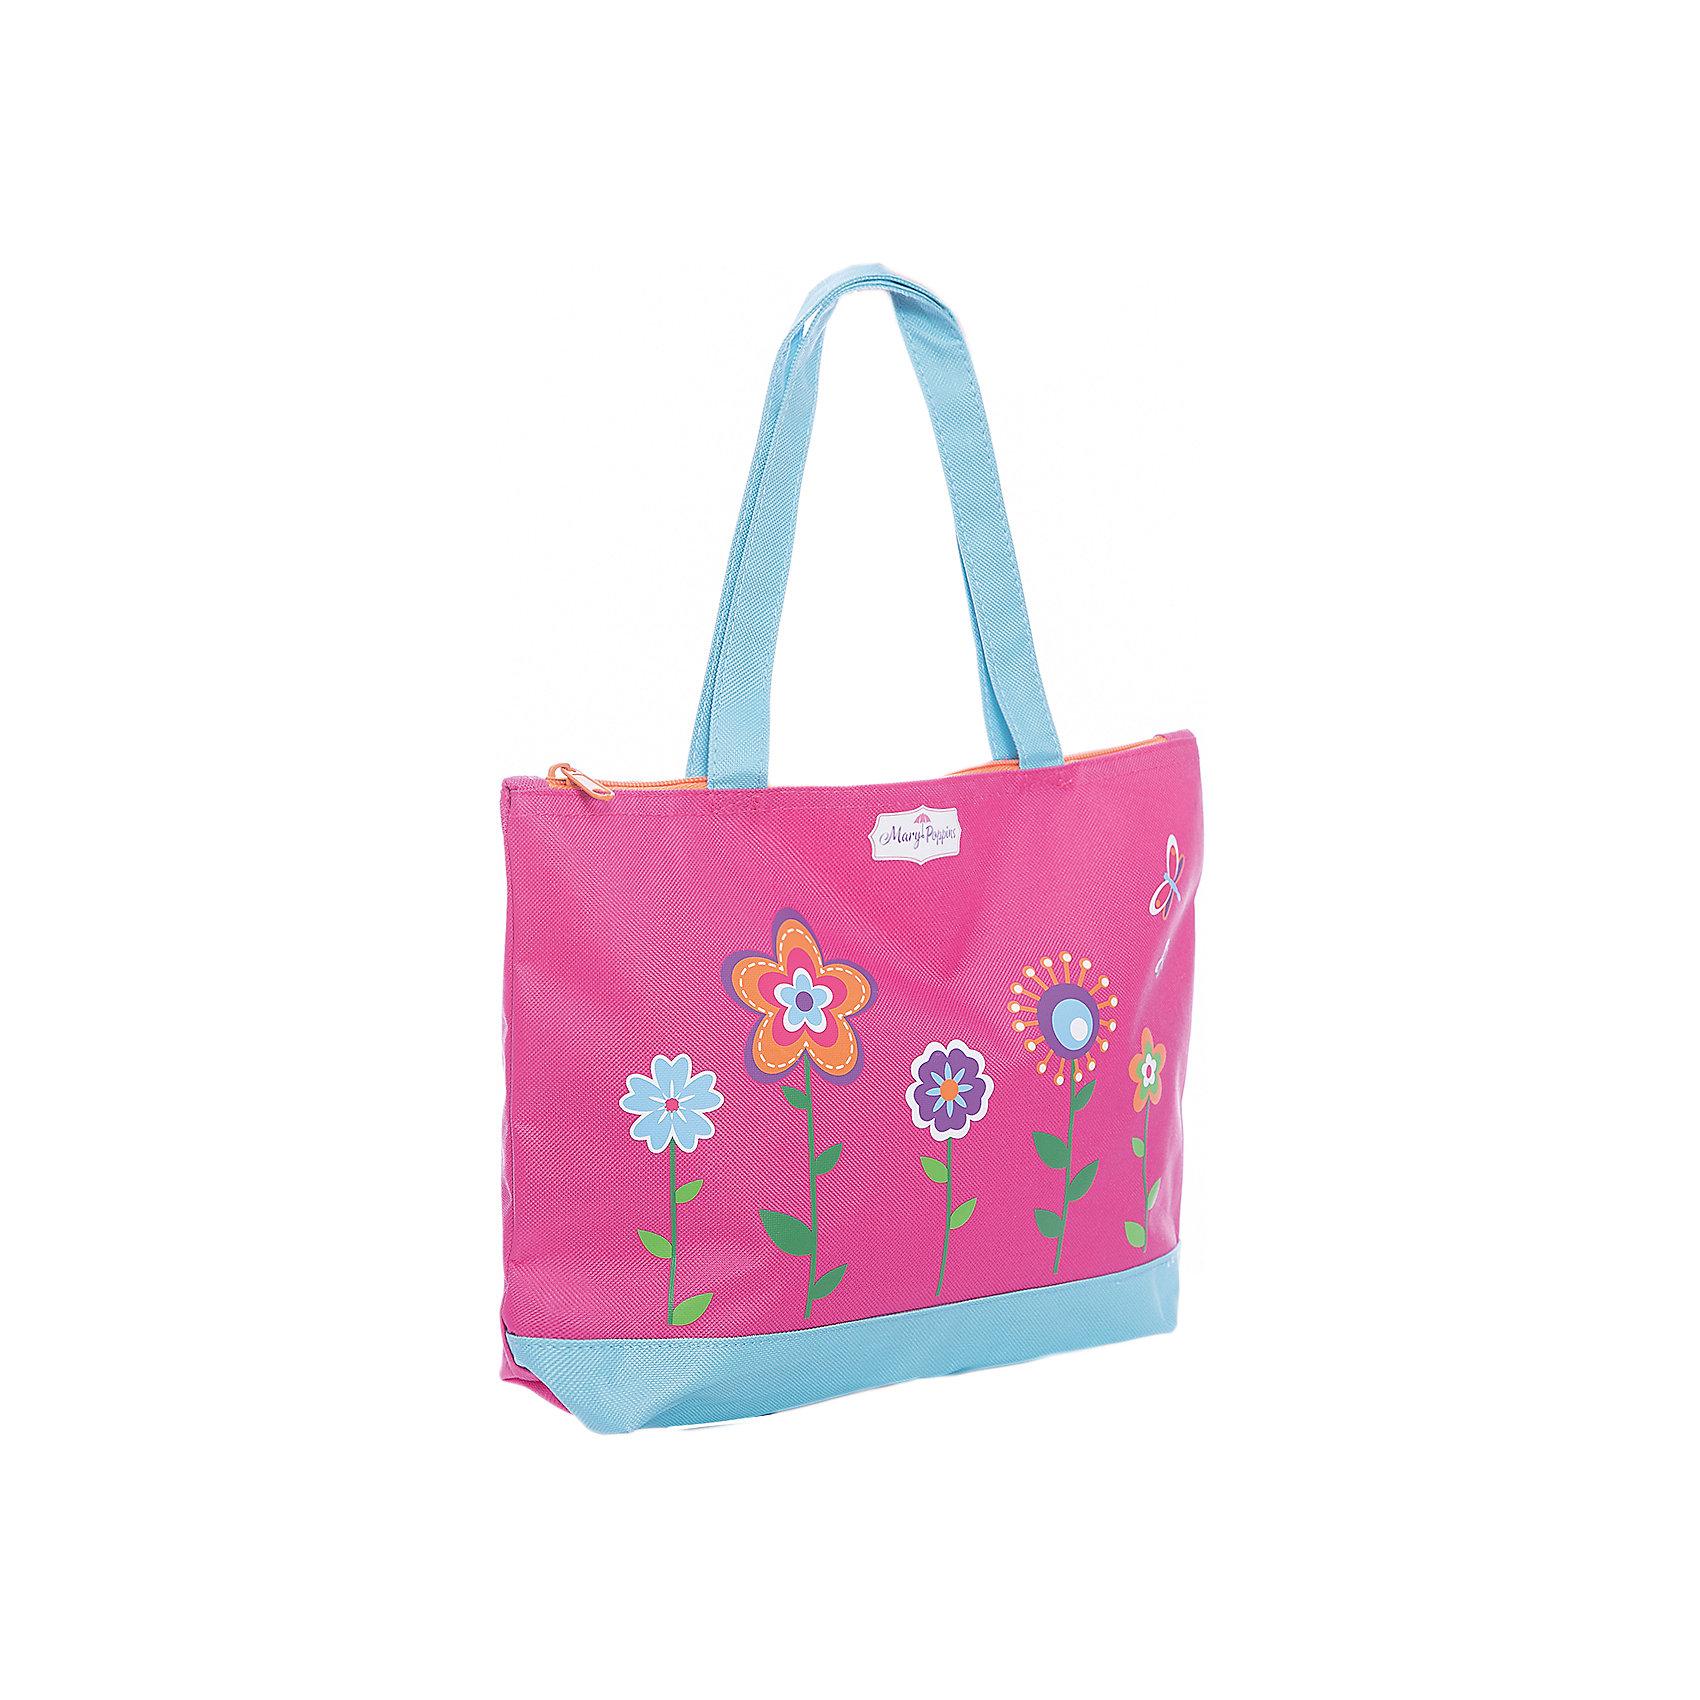 Сумка Цветы 33*8*23 см.Сумка Цветы, представленная торговой маркой Mary Poppins, понравится многим девочкам. Она очень вместительная и удобная, в такую сумку можно сложить школьные письменные принадлежности или же игрушки девочки. Сумка выполнена в розово-голубом цвете, а также украшена различными яркими цветочками и бабочками.<br><br>Ширина мм: 330<br>Глубина мм: 230<br>Высота мм: 800<br>Вес г: 78<br>Возраст от месяцев: 312<br>Возраст до месяцев: 2147483647<br>Пол: Женский<br>Возраст: Детский<br>SKU: 5508552